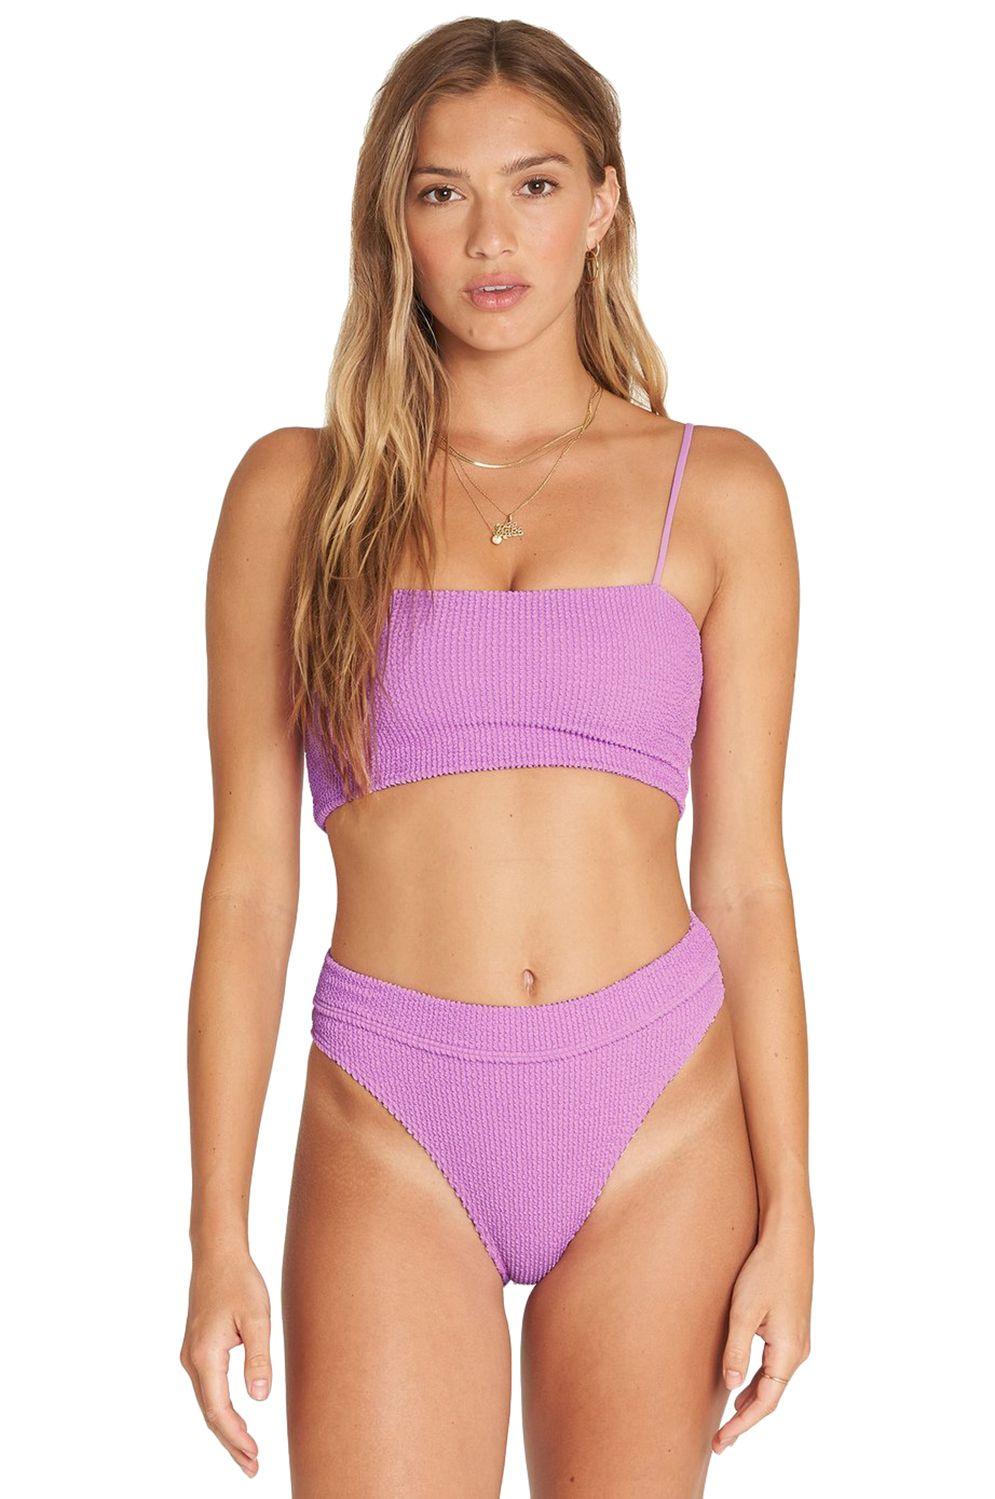 Billabong Bikini Bottom SUMMER HIGH MAUI Wild Lavender